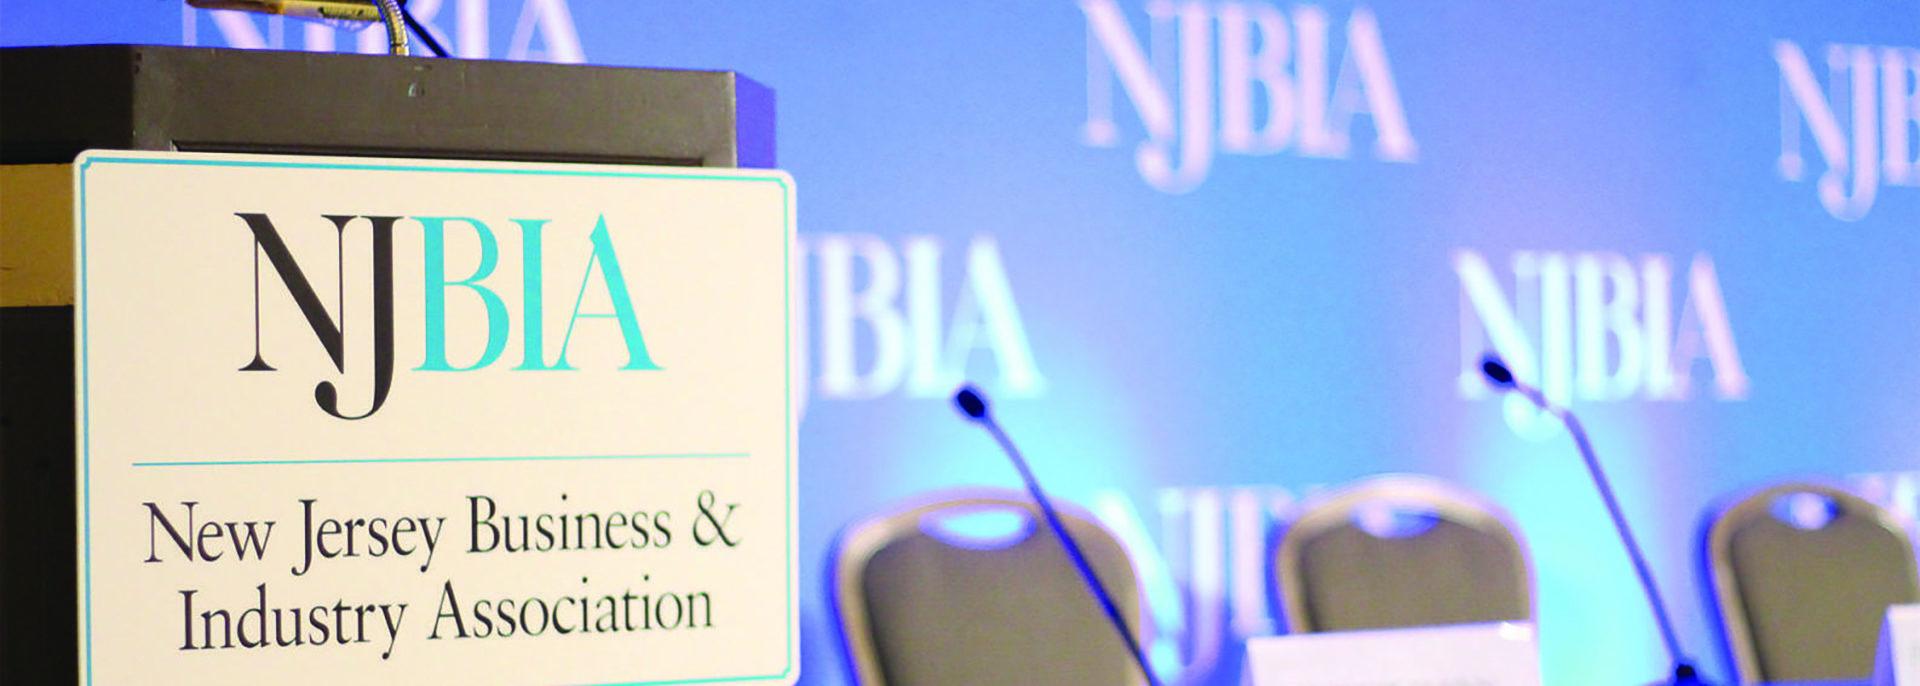 NJBIA Executive Team